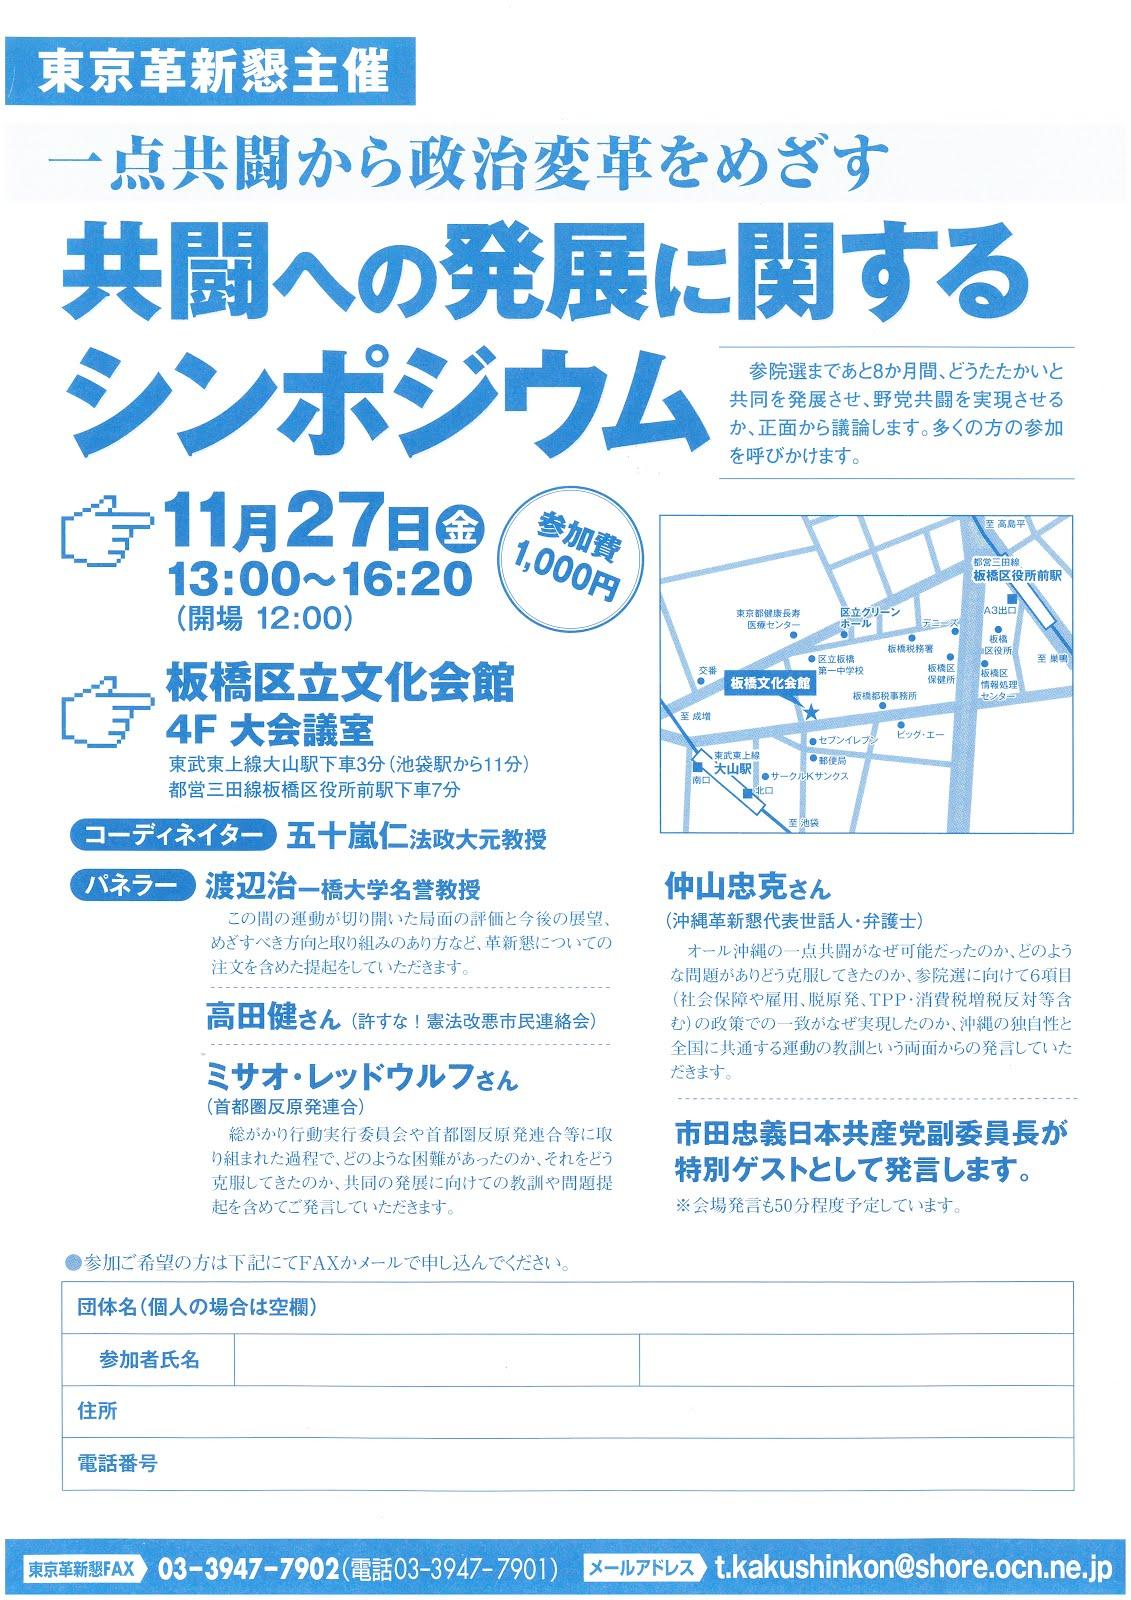 11月27日に、野党共闘への発展めざし東京革新懇がシンポジウムを開催します!